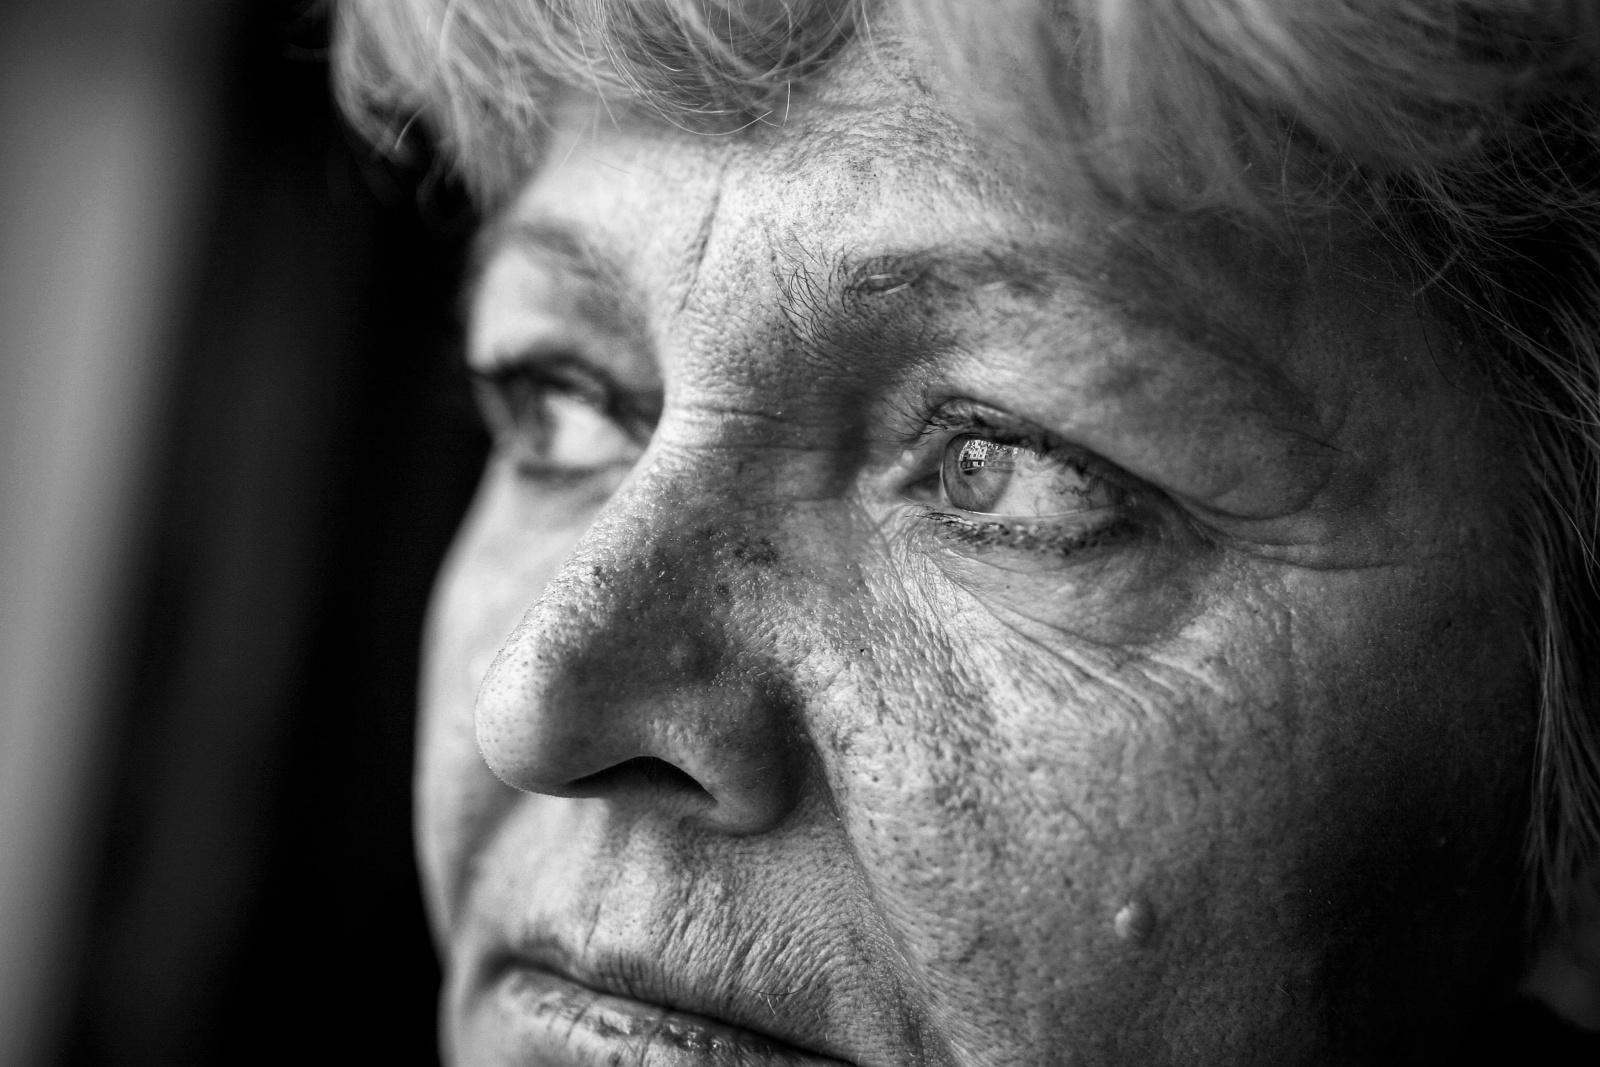 Bosnia, gli occhi di Bakira testimone al Tribunale dell'Aja contro i crimini di guerra